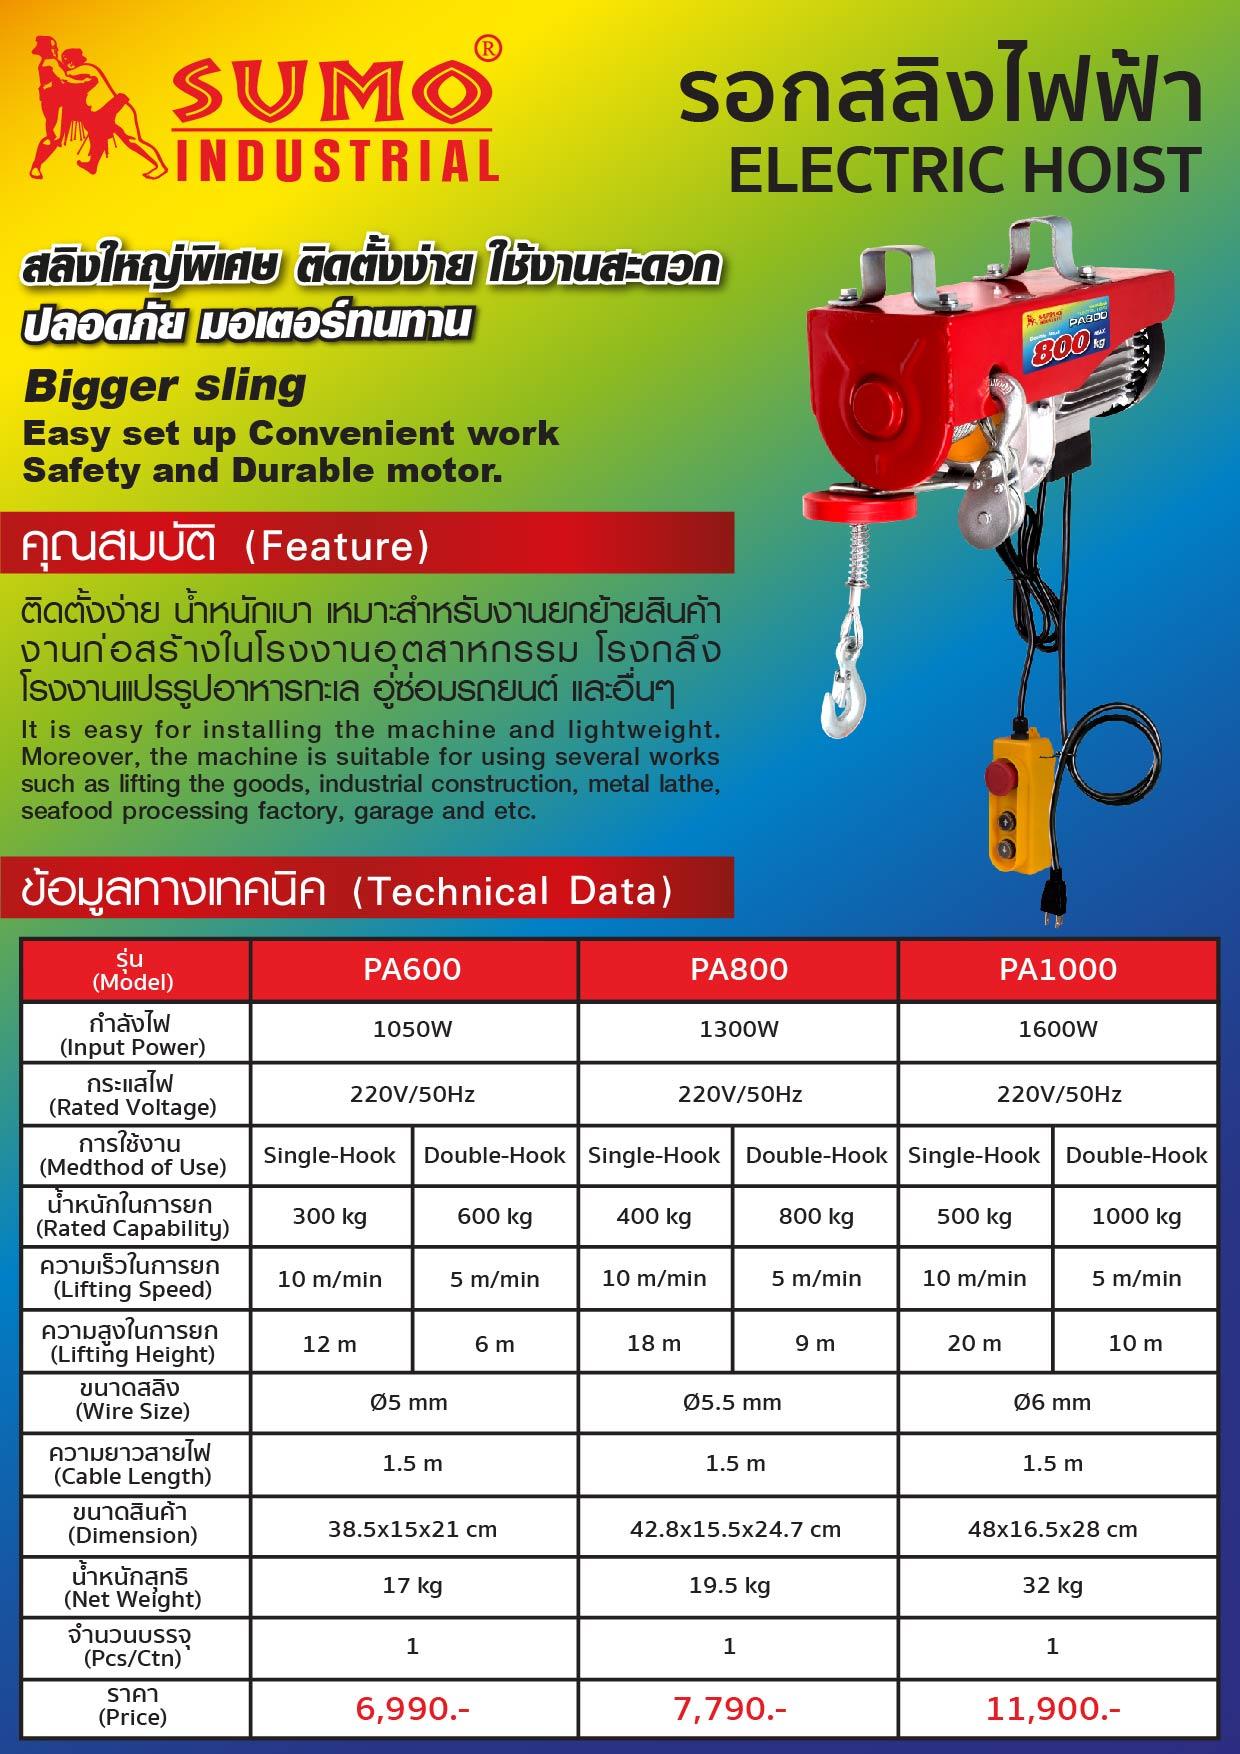 (3/10) รอกไฟฟ้า - Electric Hoist